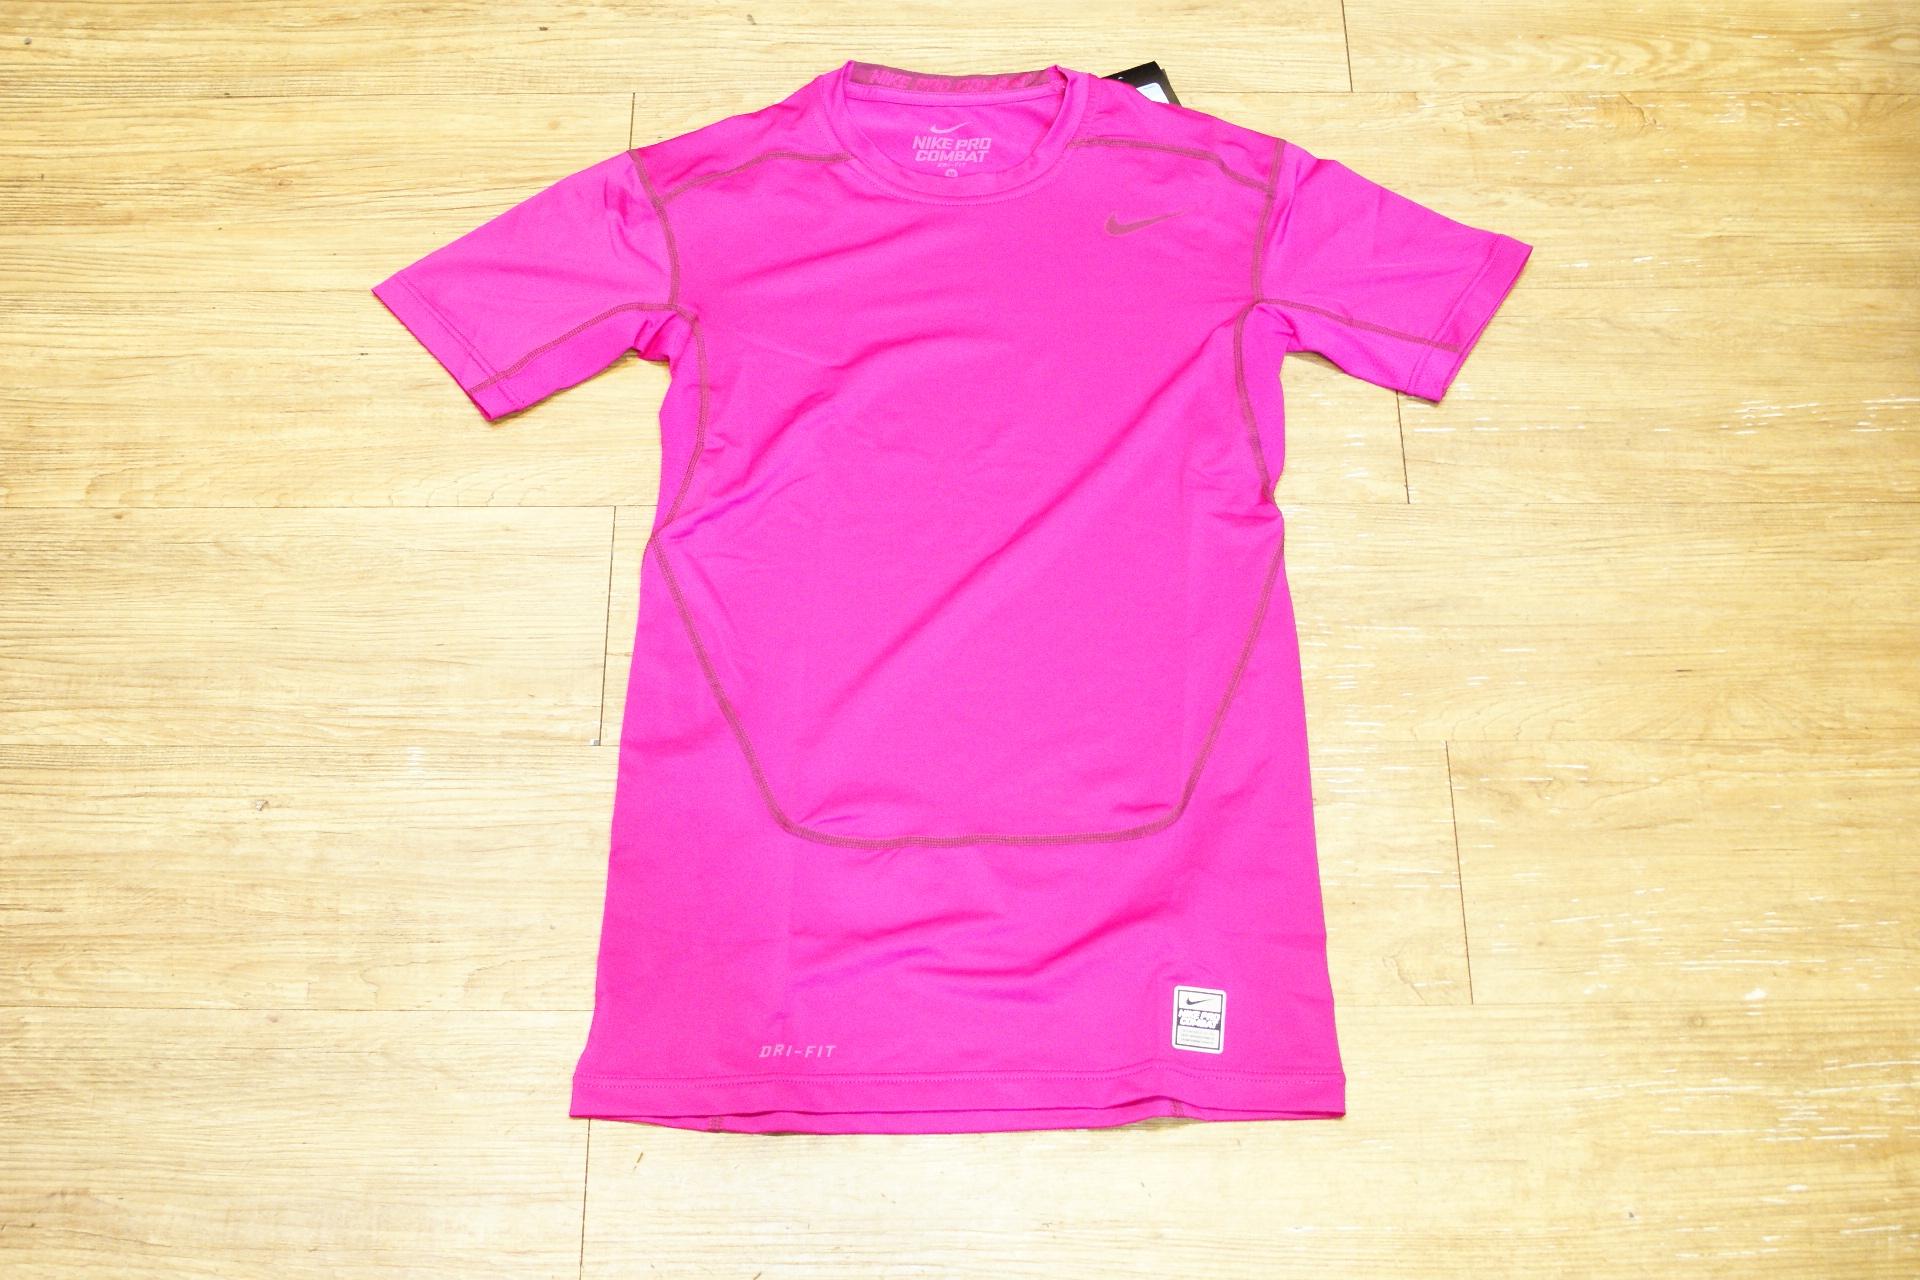 棒球世界 15年nike短袖緊身衣 粉紅色款 特價